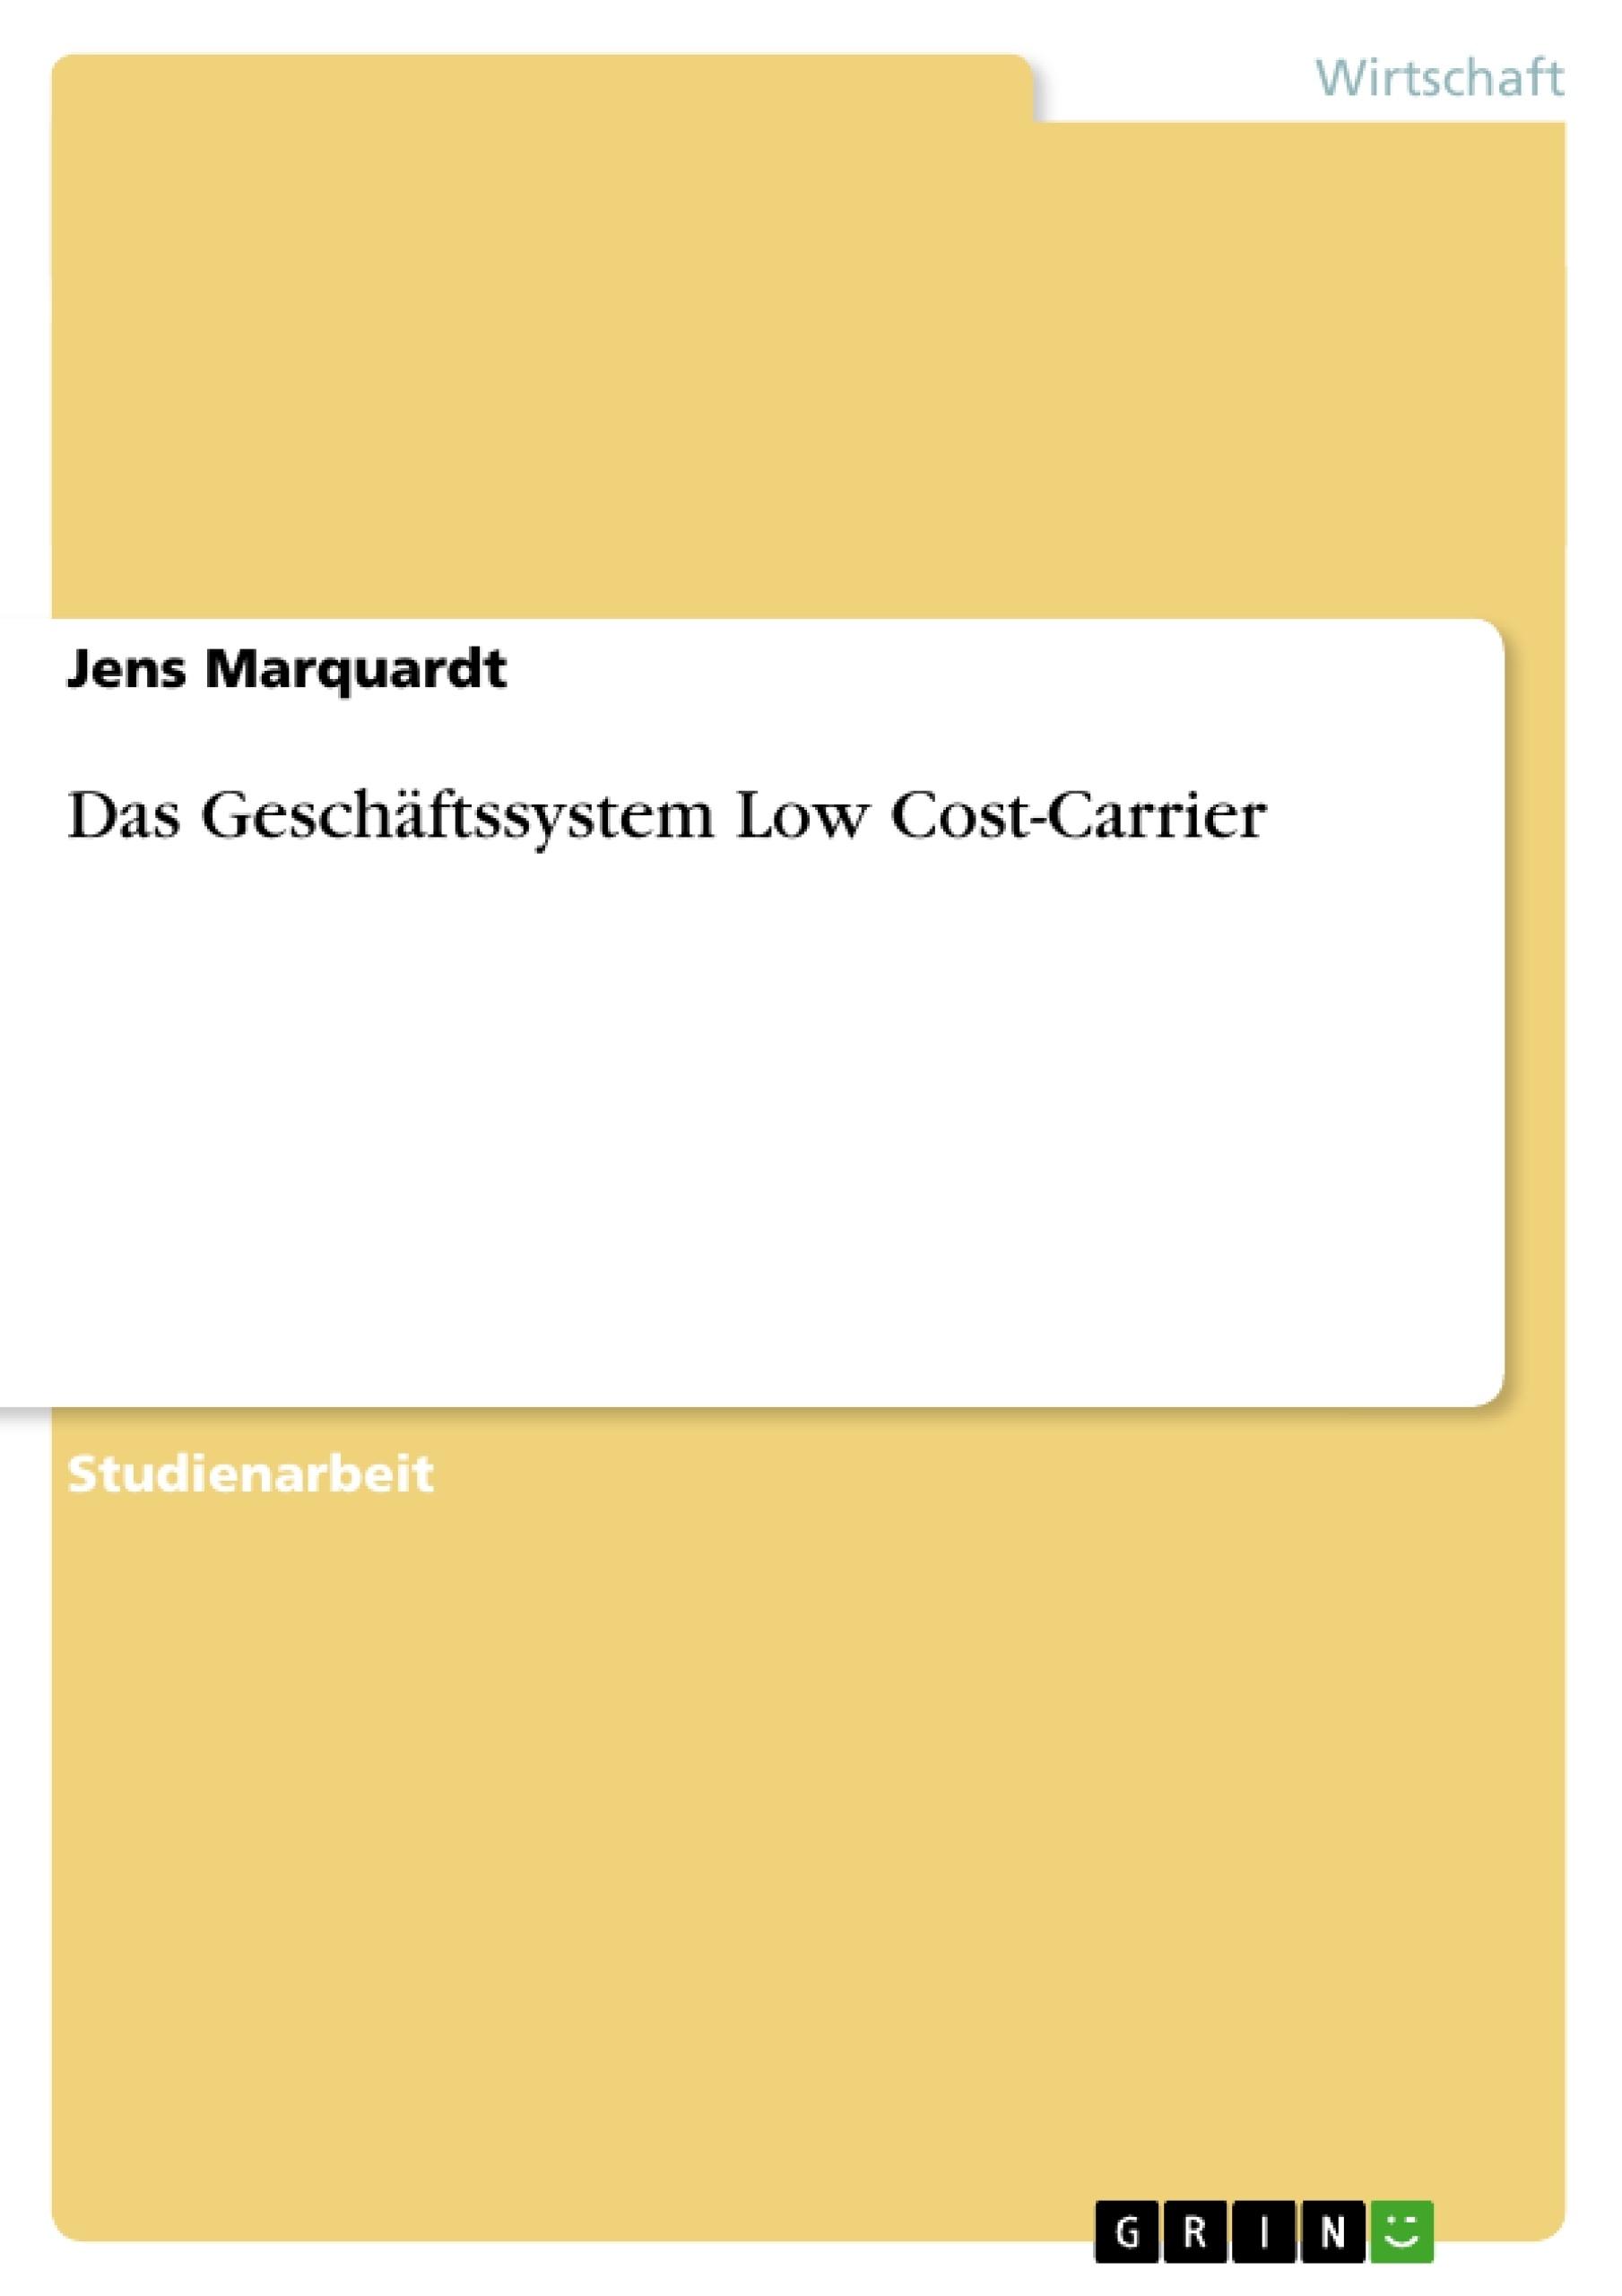 Titel: Das Geschäftssystem Low Cost-Carrier